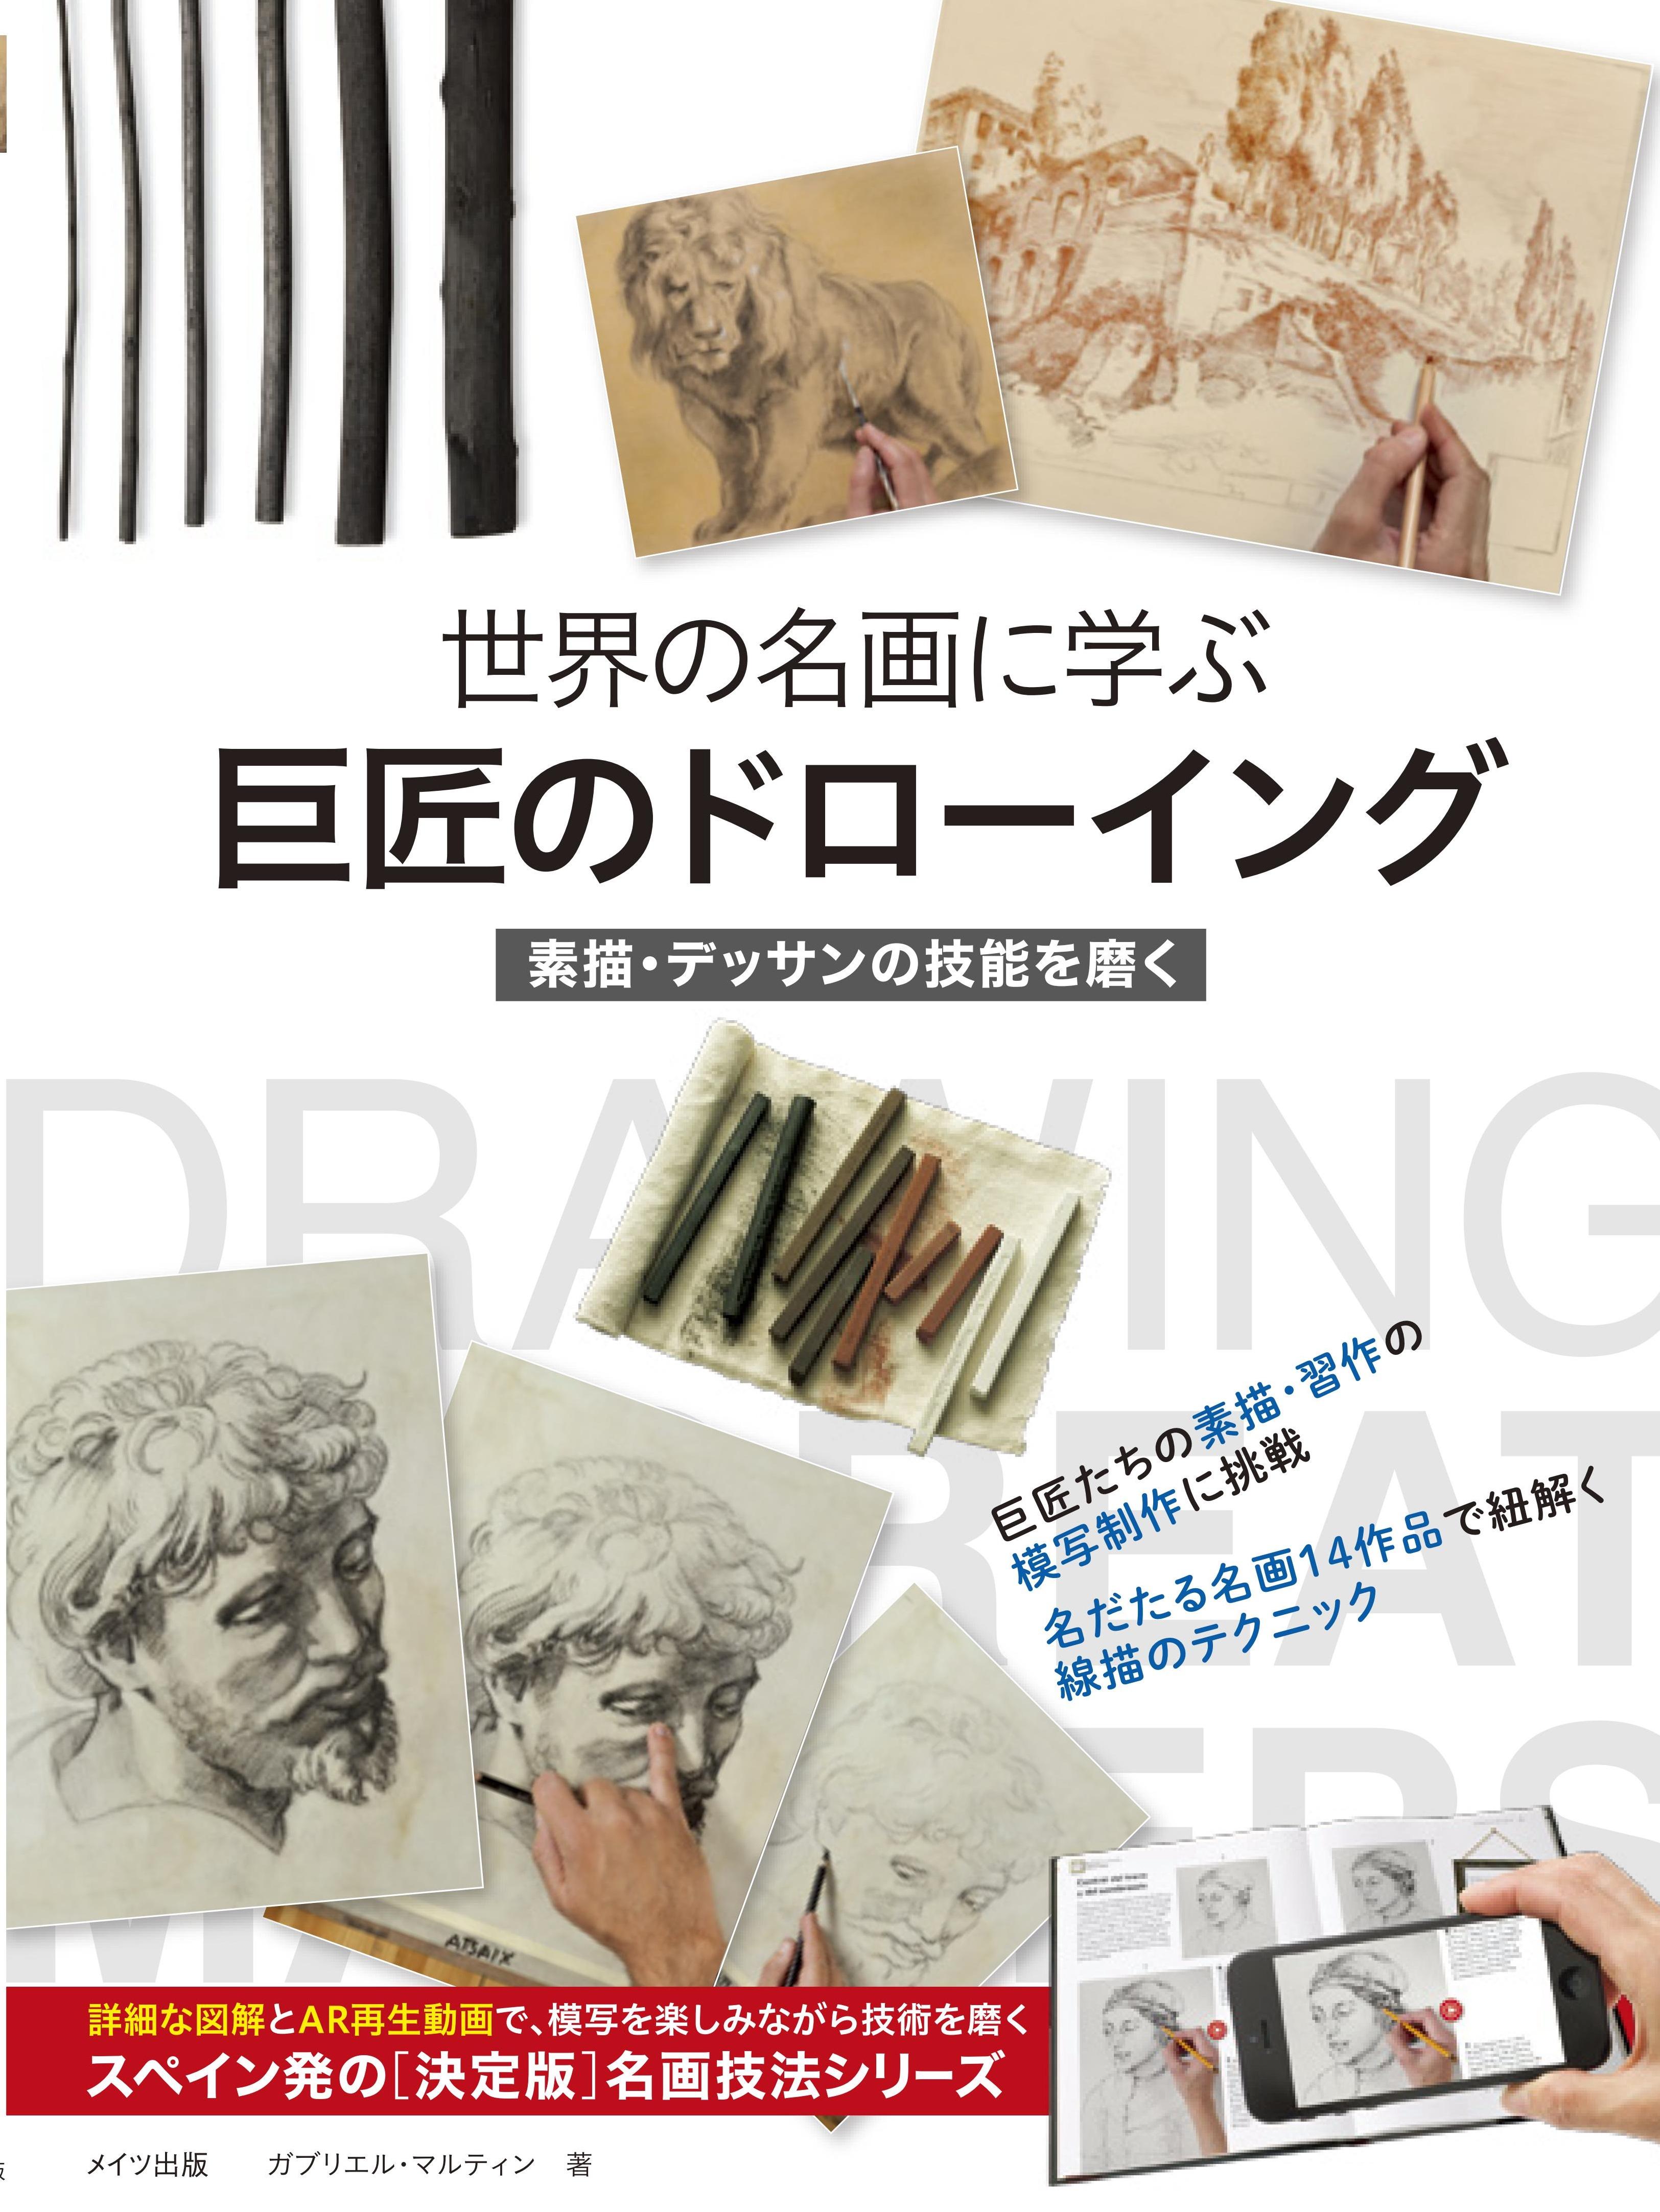 世界の名画に学ぶ 巨匠のドローイング 素描・デッサンの技能を磨く